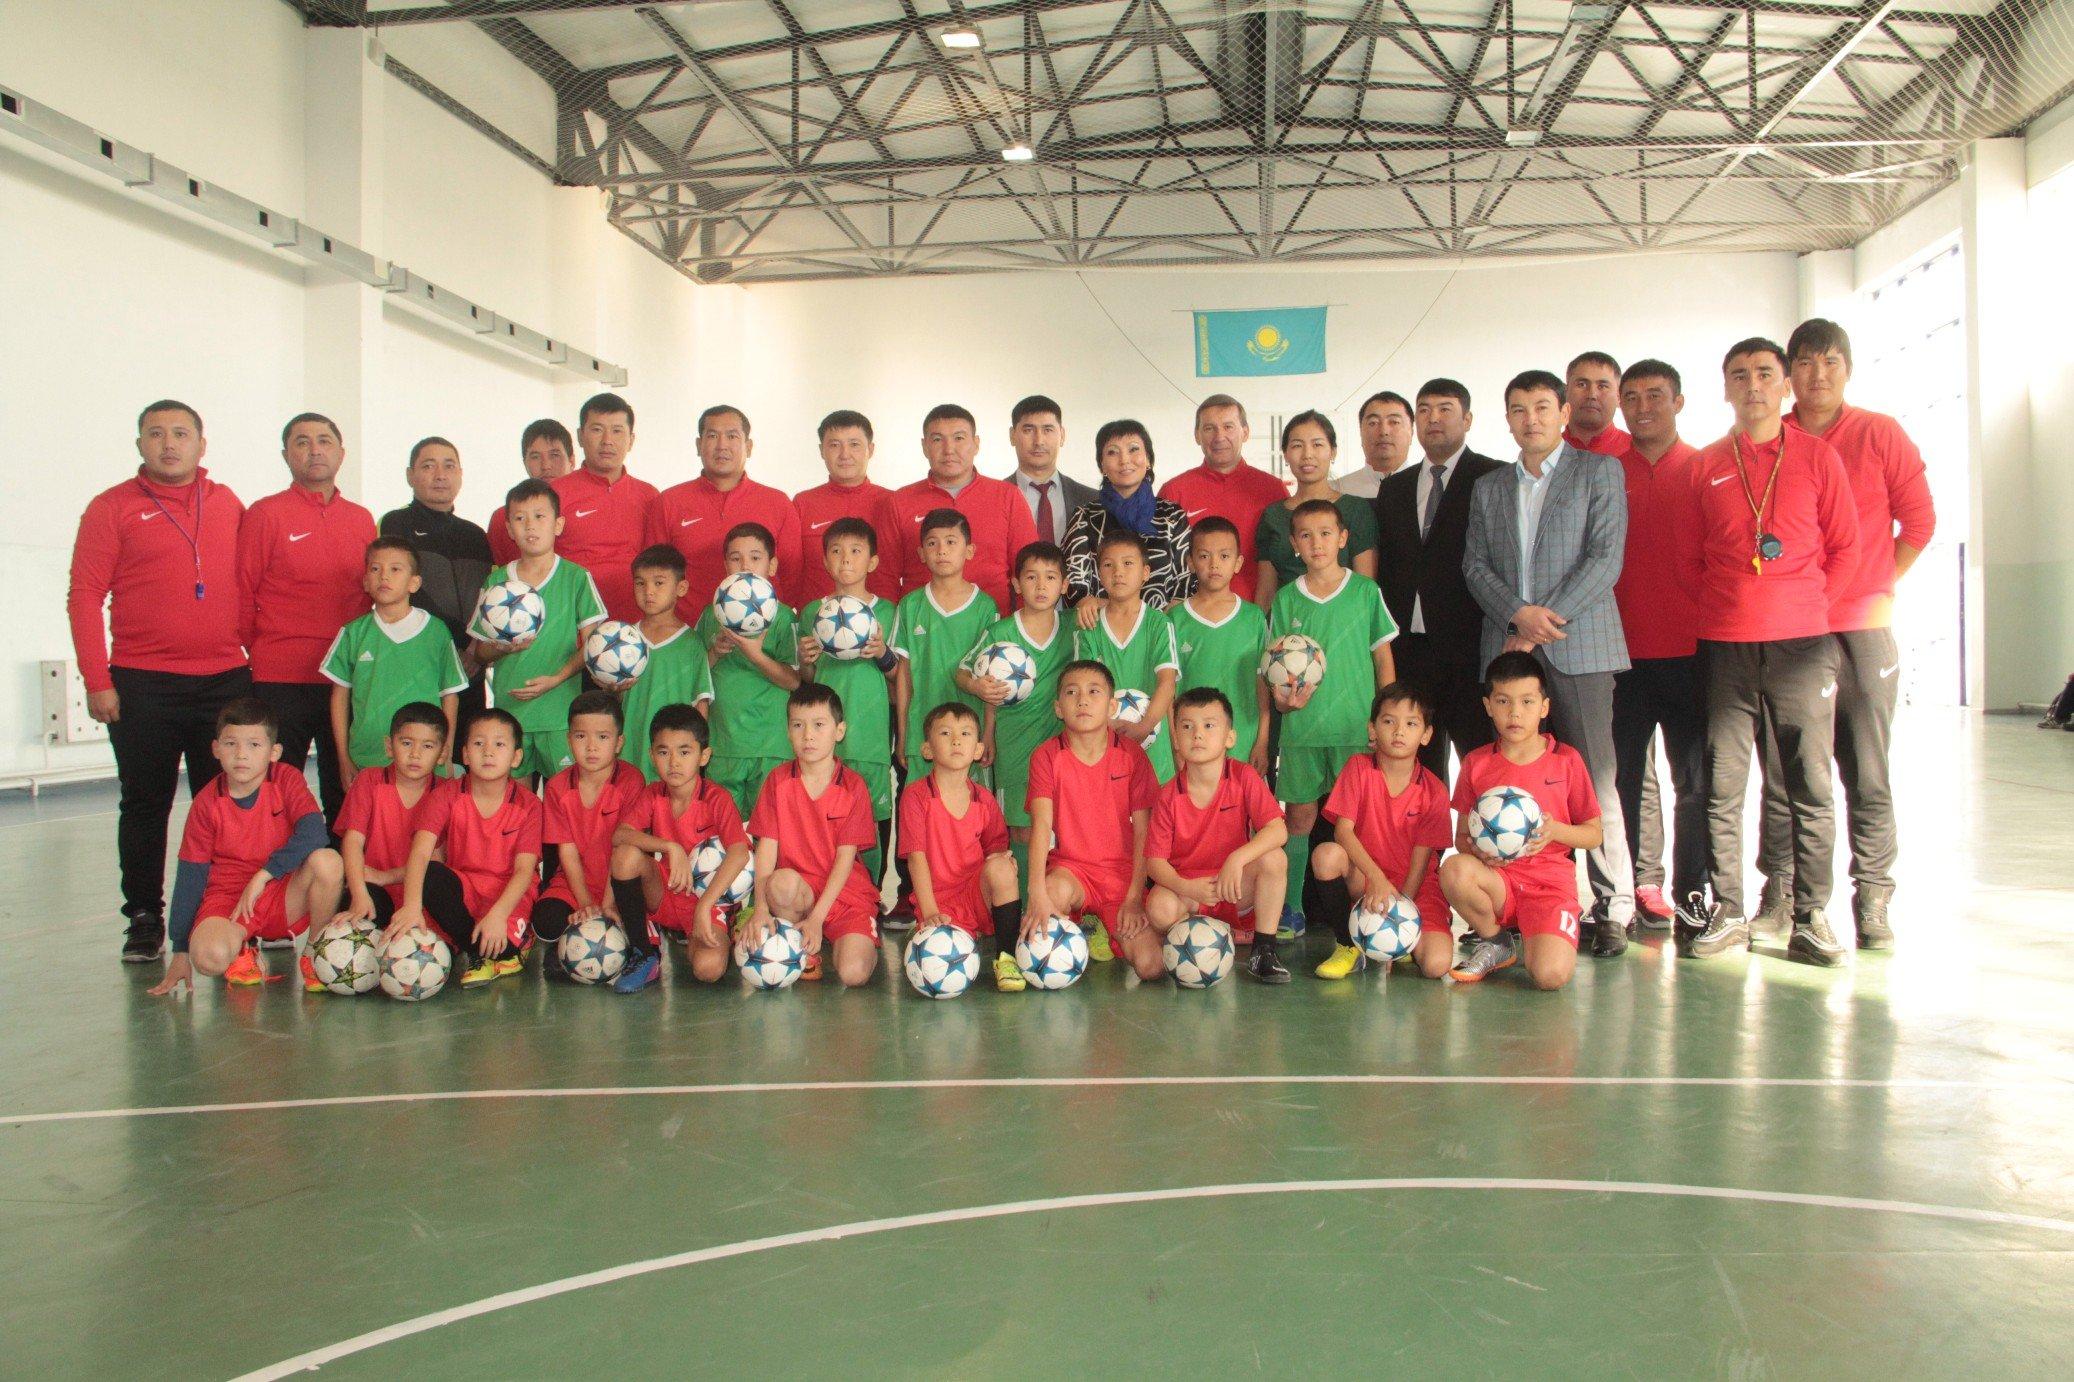 """Видео-обзор с семинара на тему """"Урок футбола"""" (14.11.2017)"""